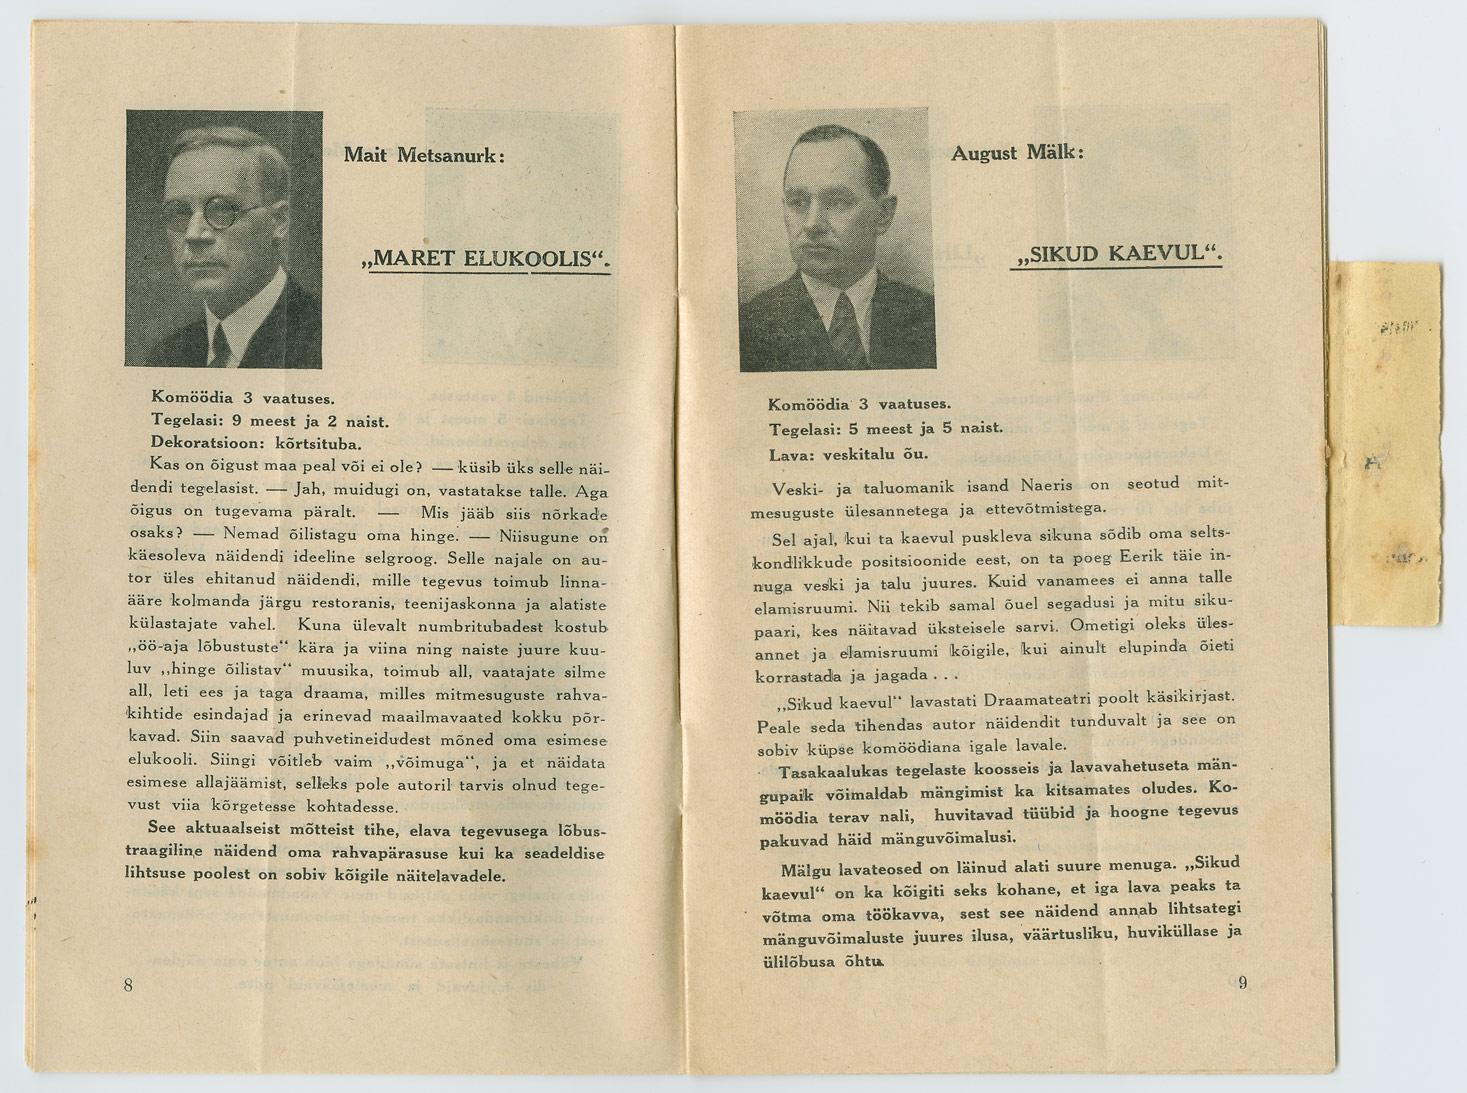 1021c-President-Pats-single-frank-Tallinn-Saare-Karla-1938-postiajalugu-ee